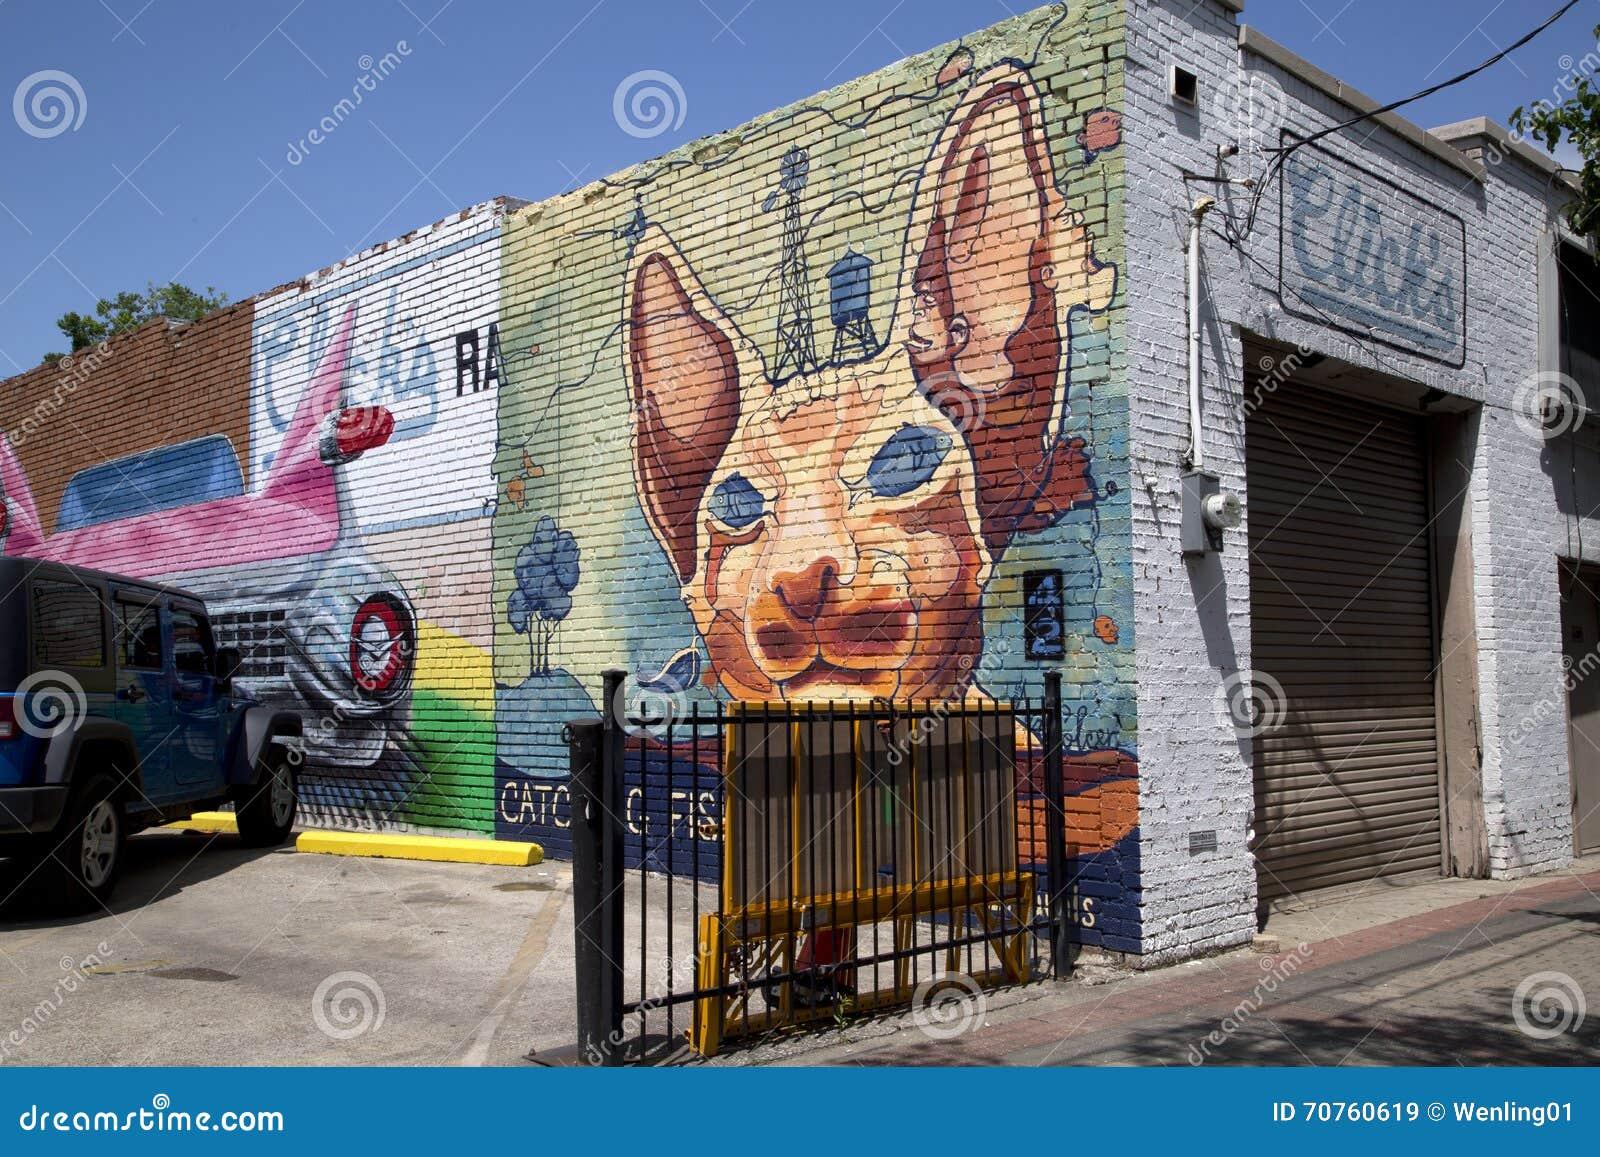 Graffiti wall dallas - Graffiti On Brick Wall Of Restaurant